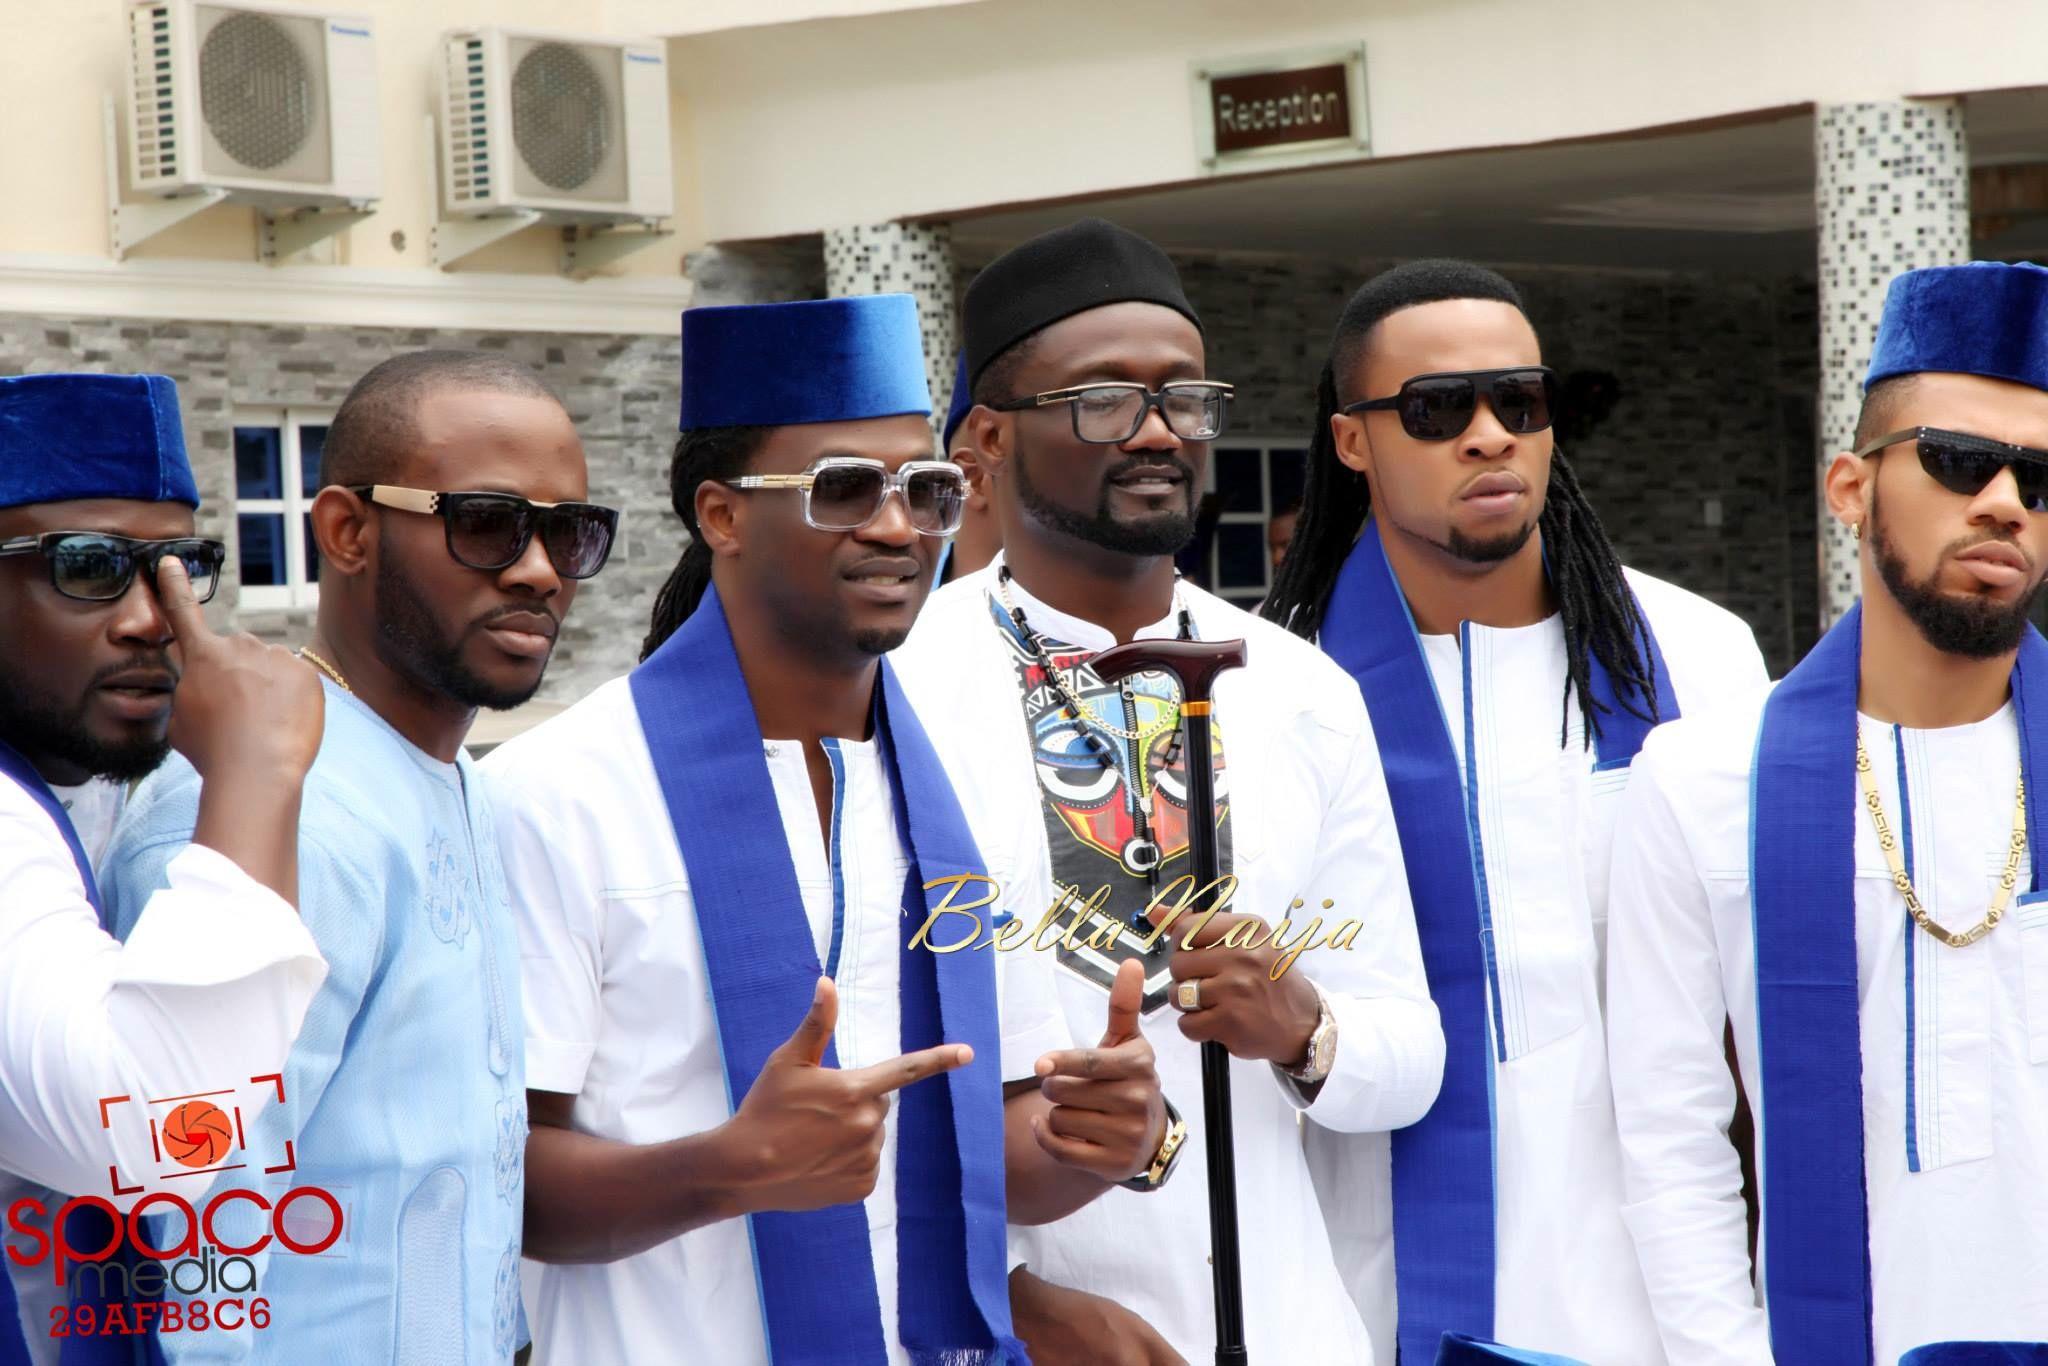 Jude Okoye and Ify Traditional Igbo Wedding in Anambra